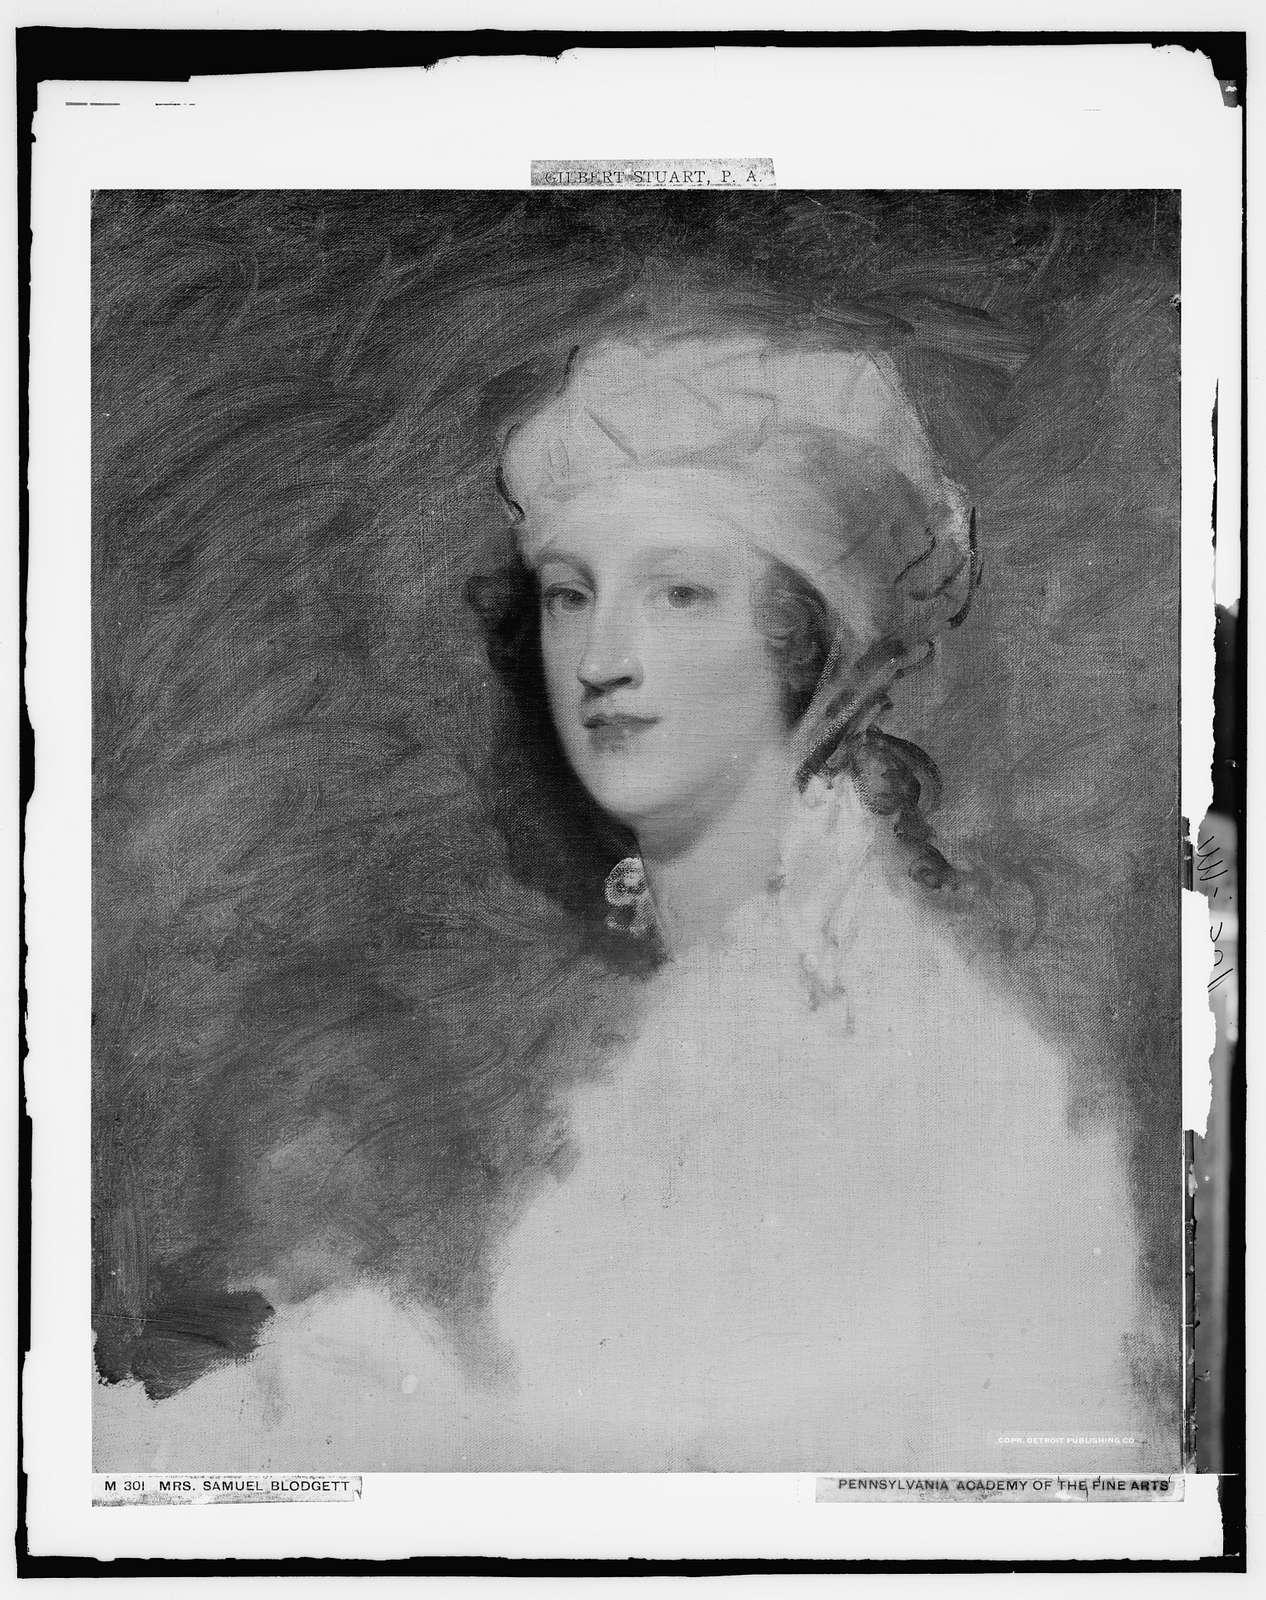 Mrs. Samuel Blodgett